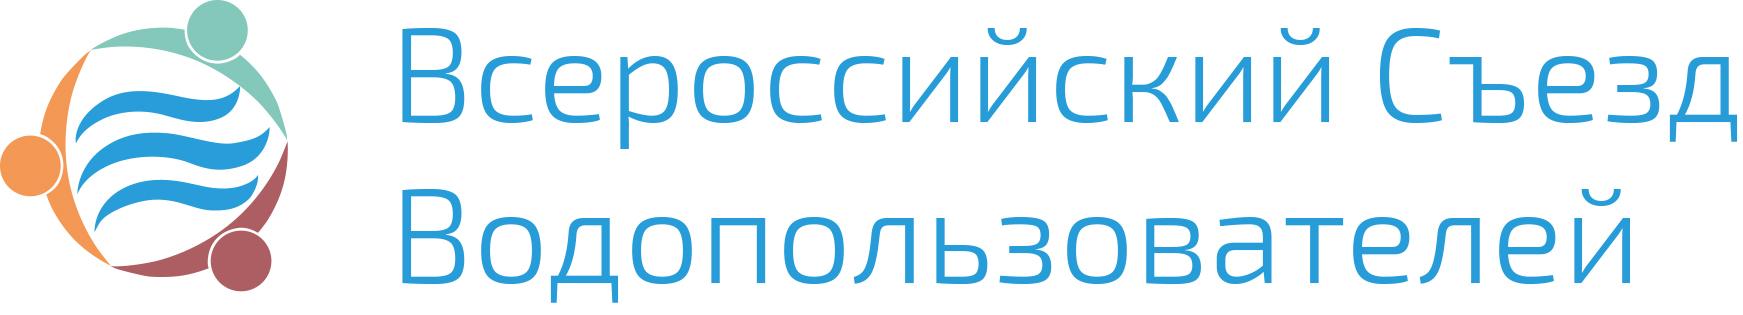 3 марта 2020 года состоялось очередное заседание Оргкомитета Всероссийского съезда водопользователей